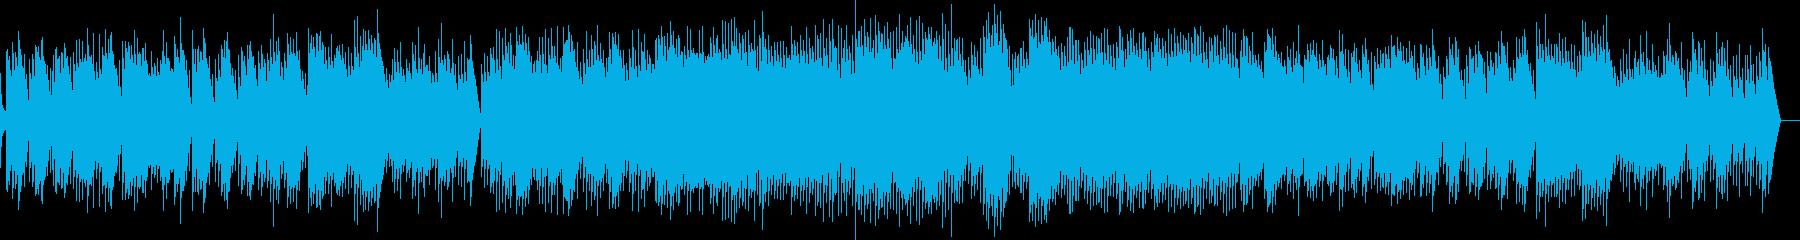 ショパン 別れの曲 フル尺 オルゴールの再生済みの波形